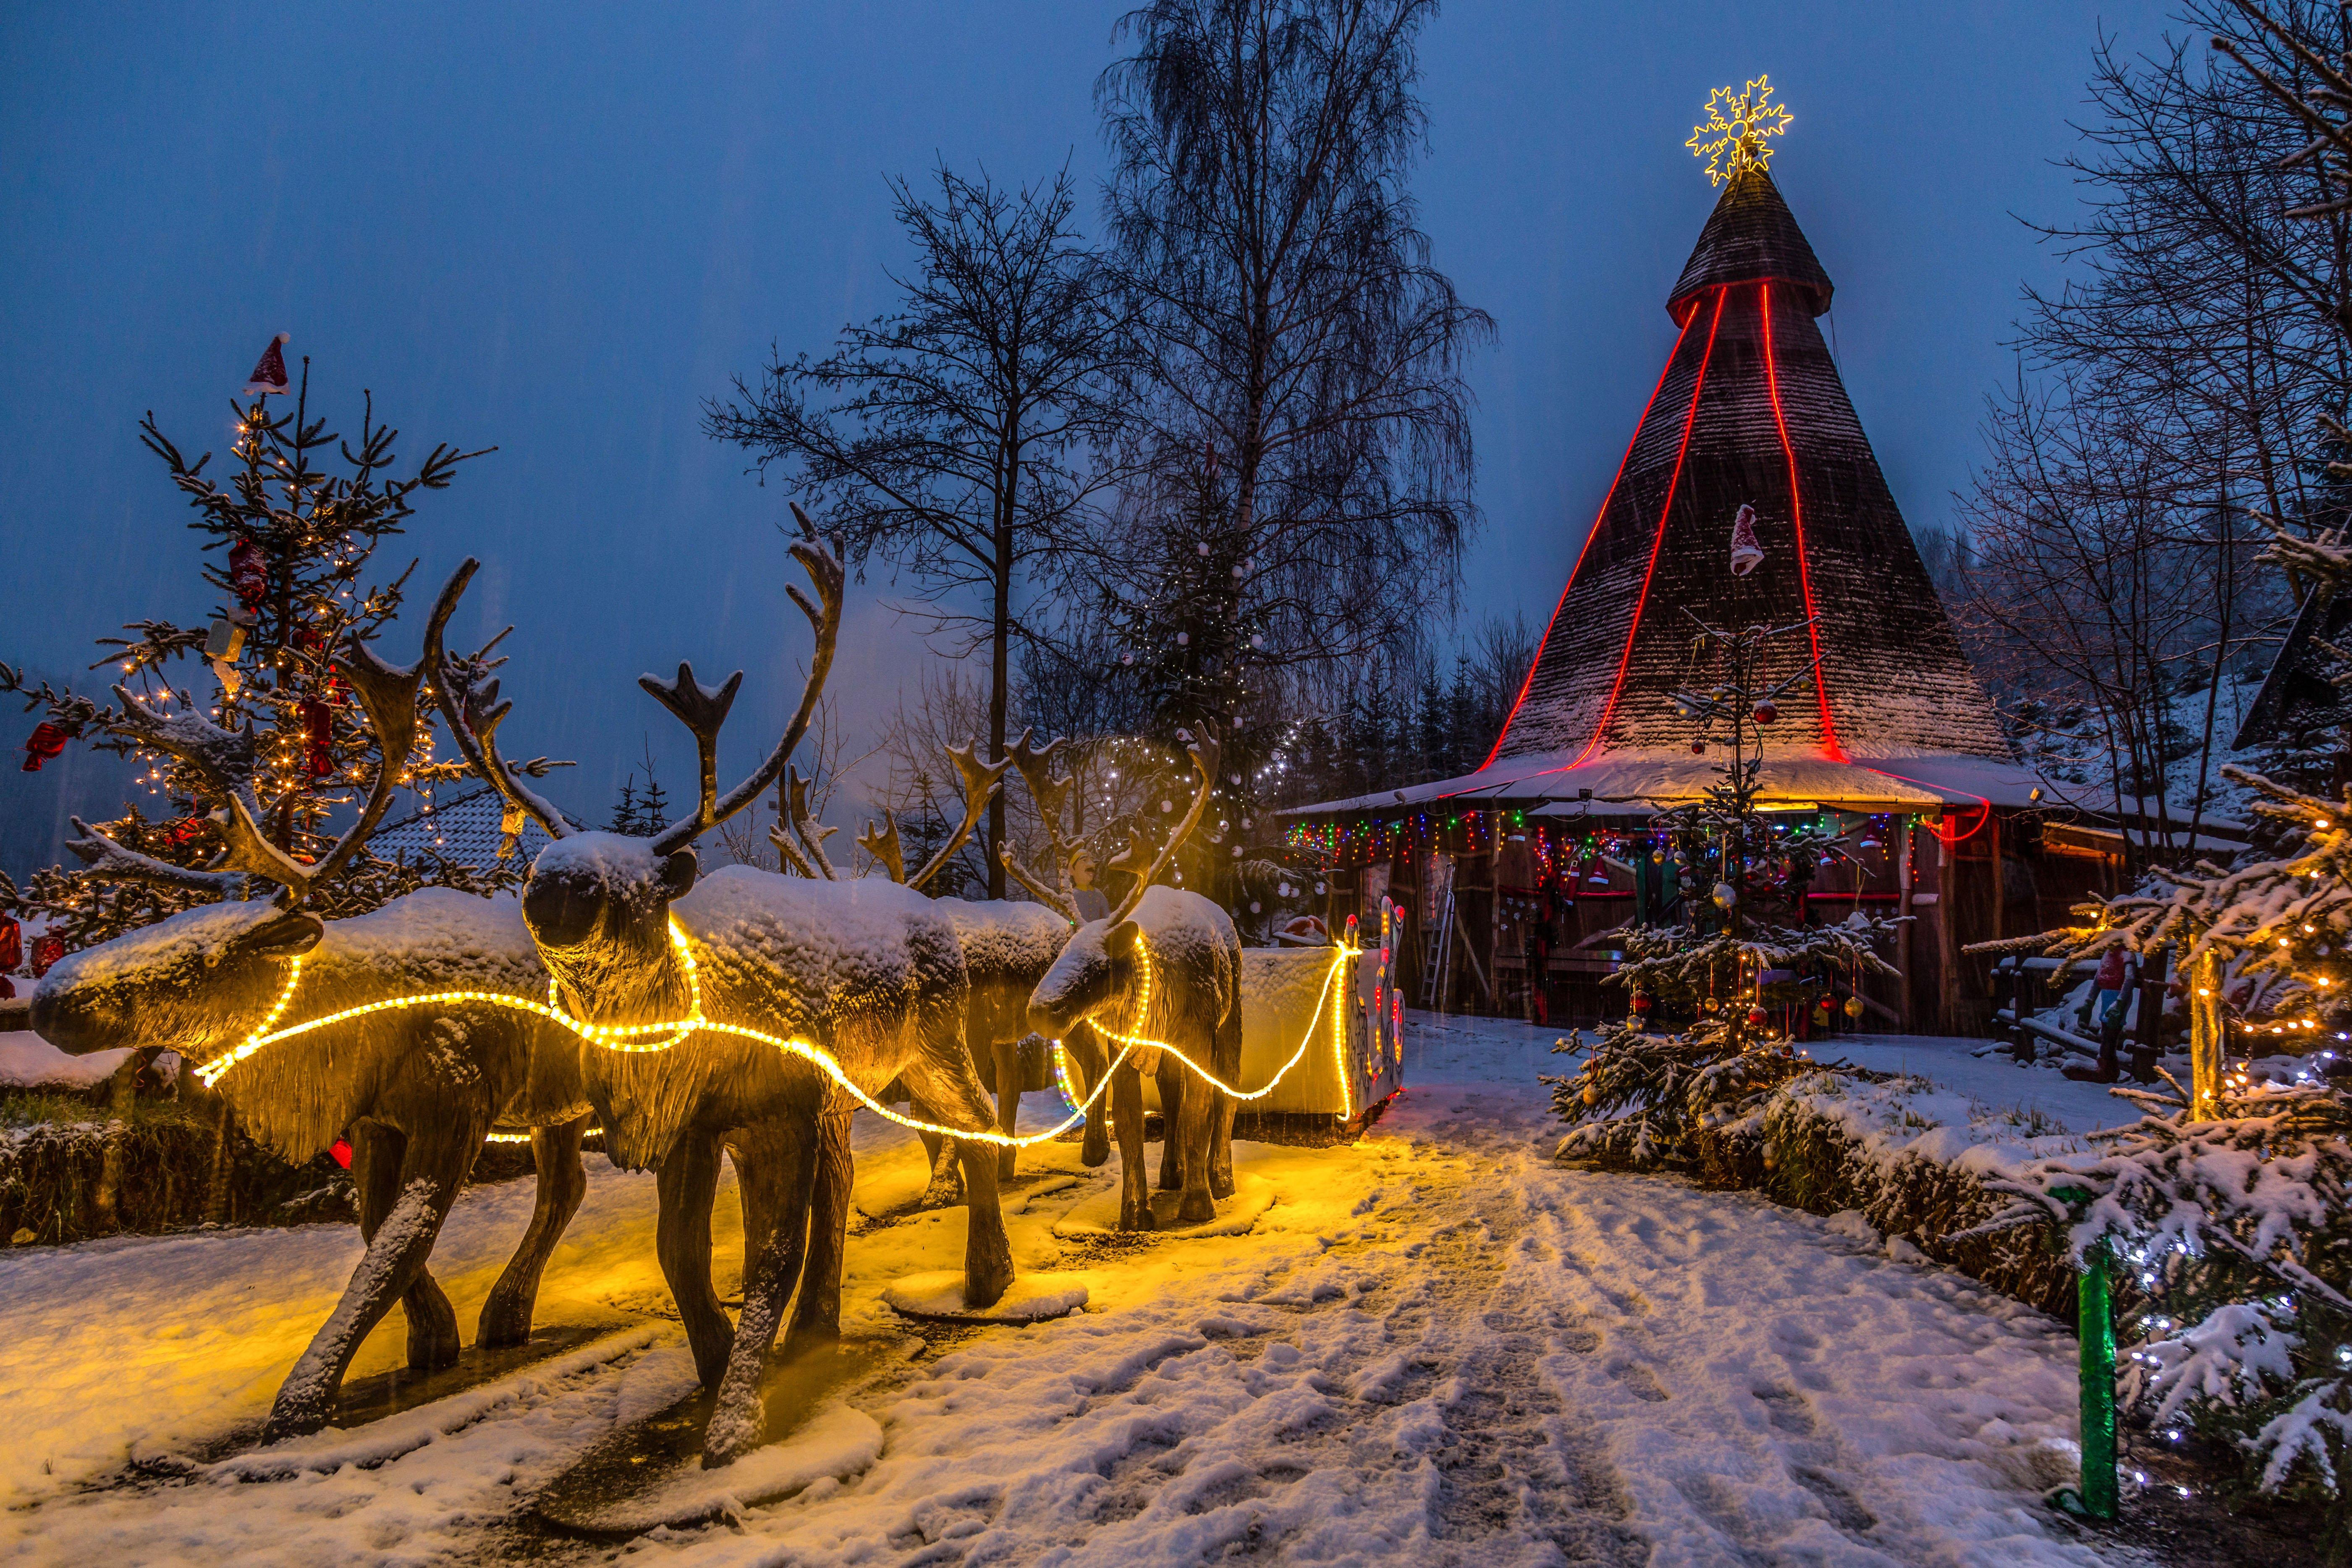 Masywnie Wioska Świętego Mikołaja w Bałtowie - Stacja narciarska Szwajcaria YA01